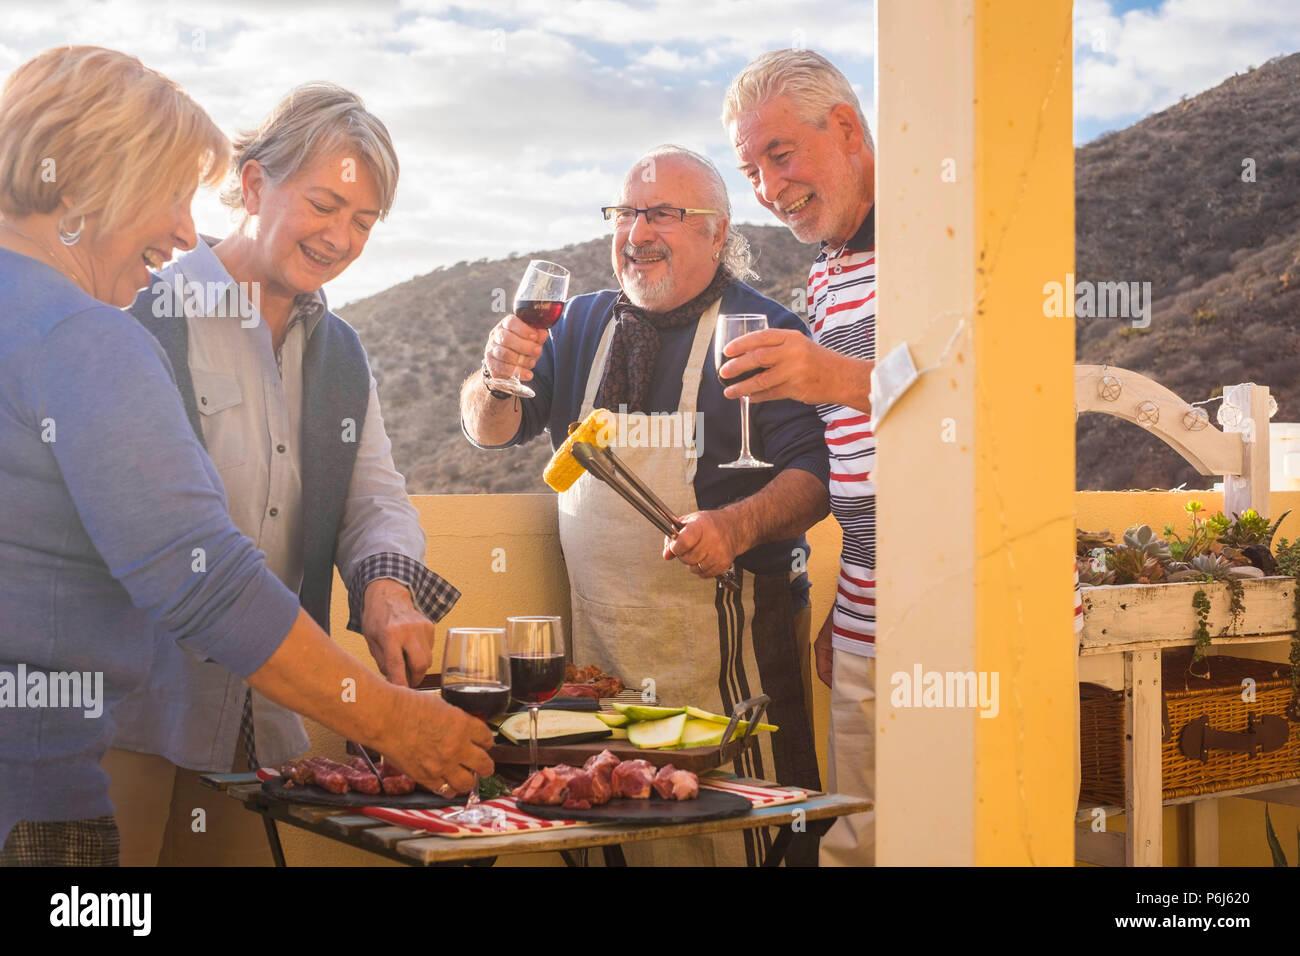 Quattro active senior pensionati hanno divertimento nella terrazza a casa la cottura di alcuni barbecue sorrisi a tutti e di stare insieme in amicizia sotto una bella giornata di sole. Immagini Stock